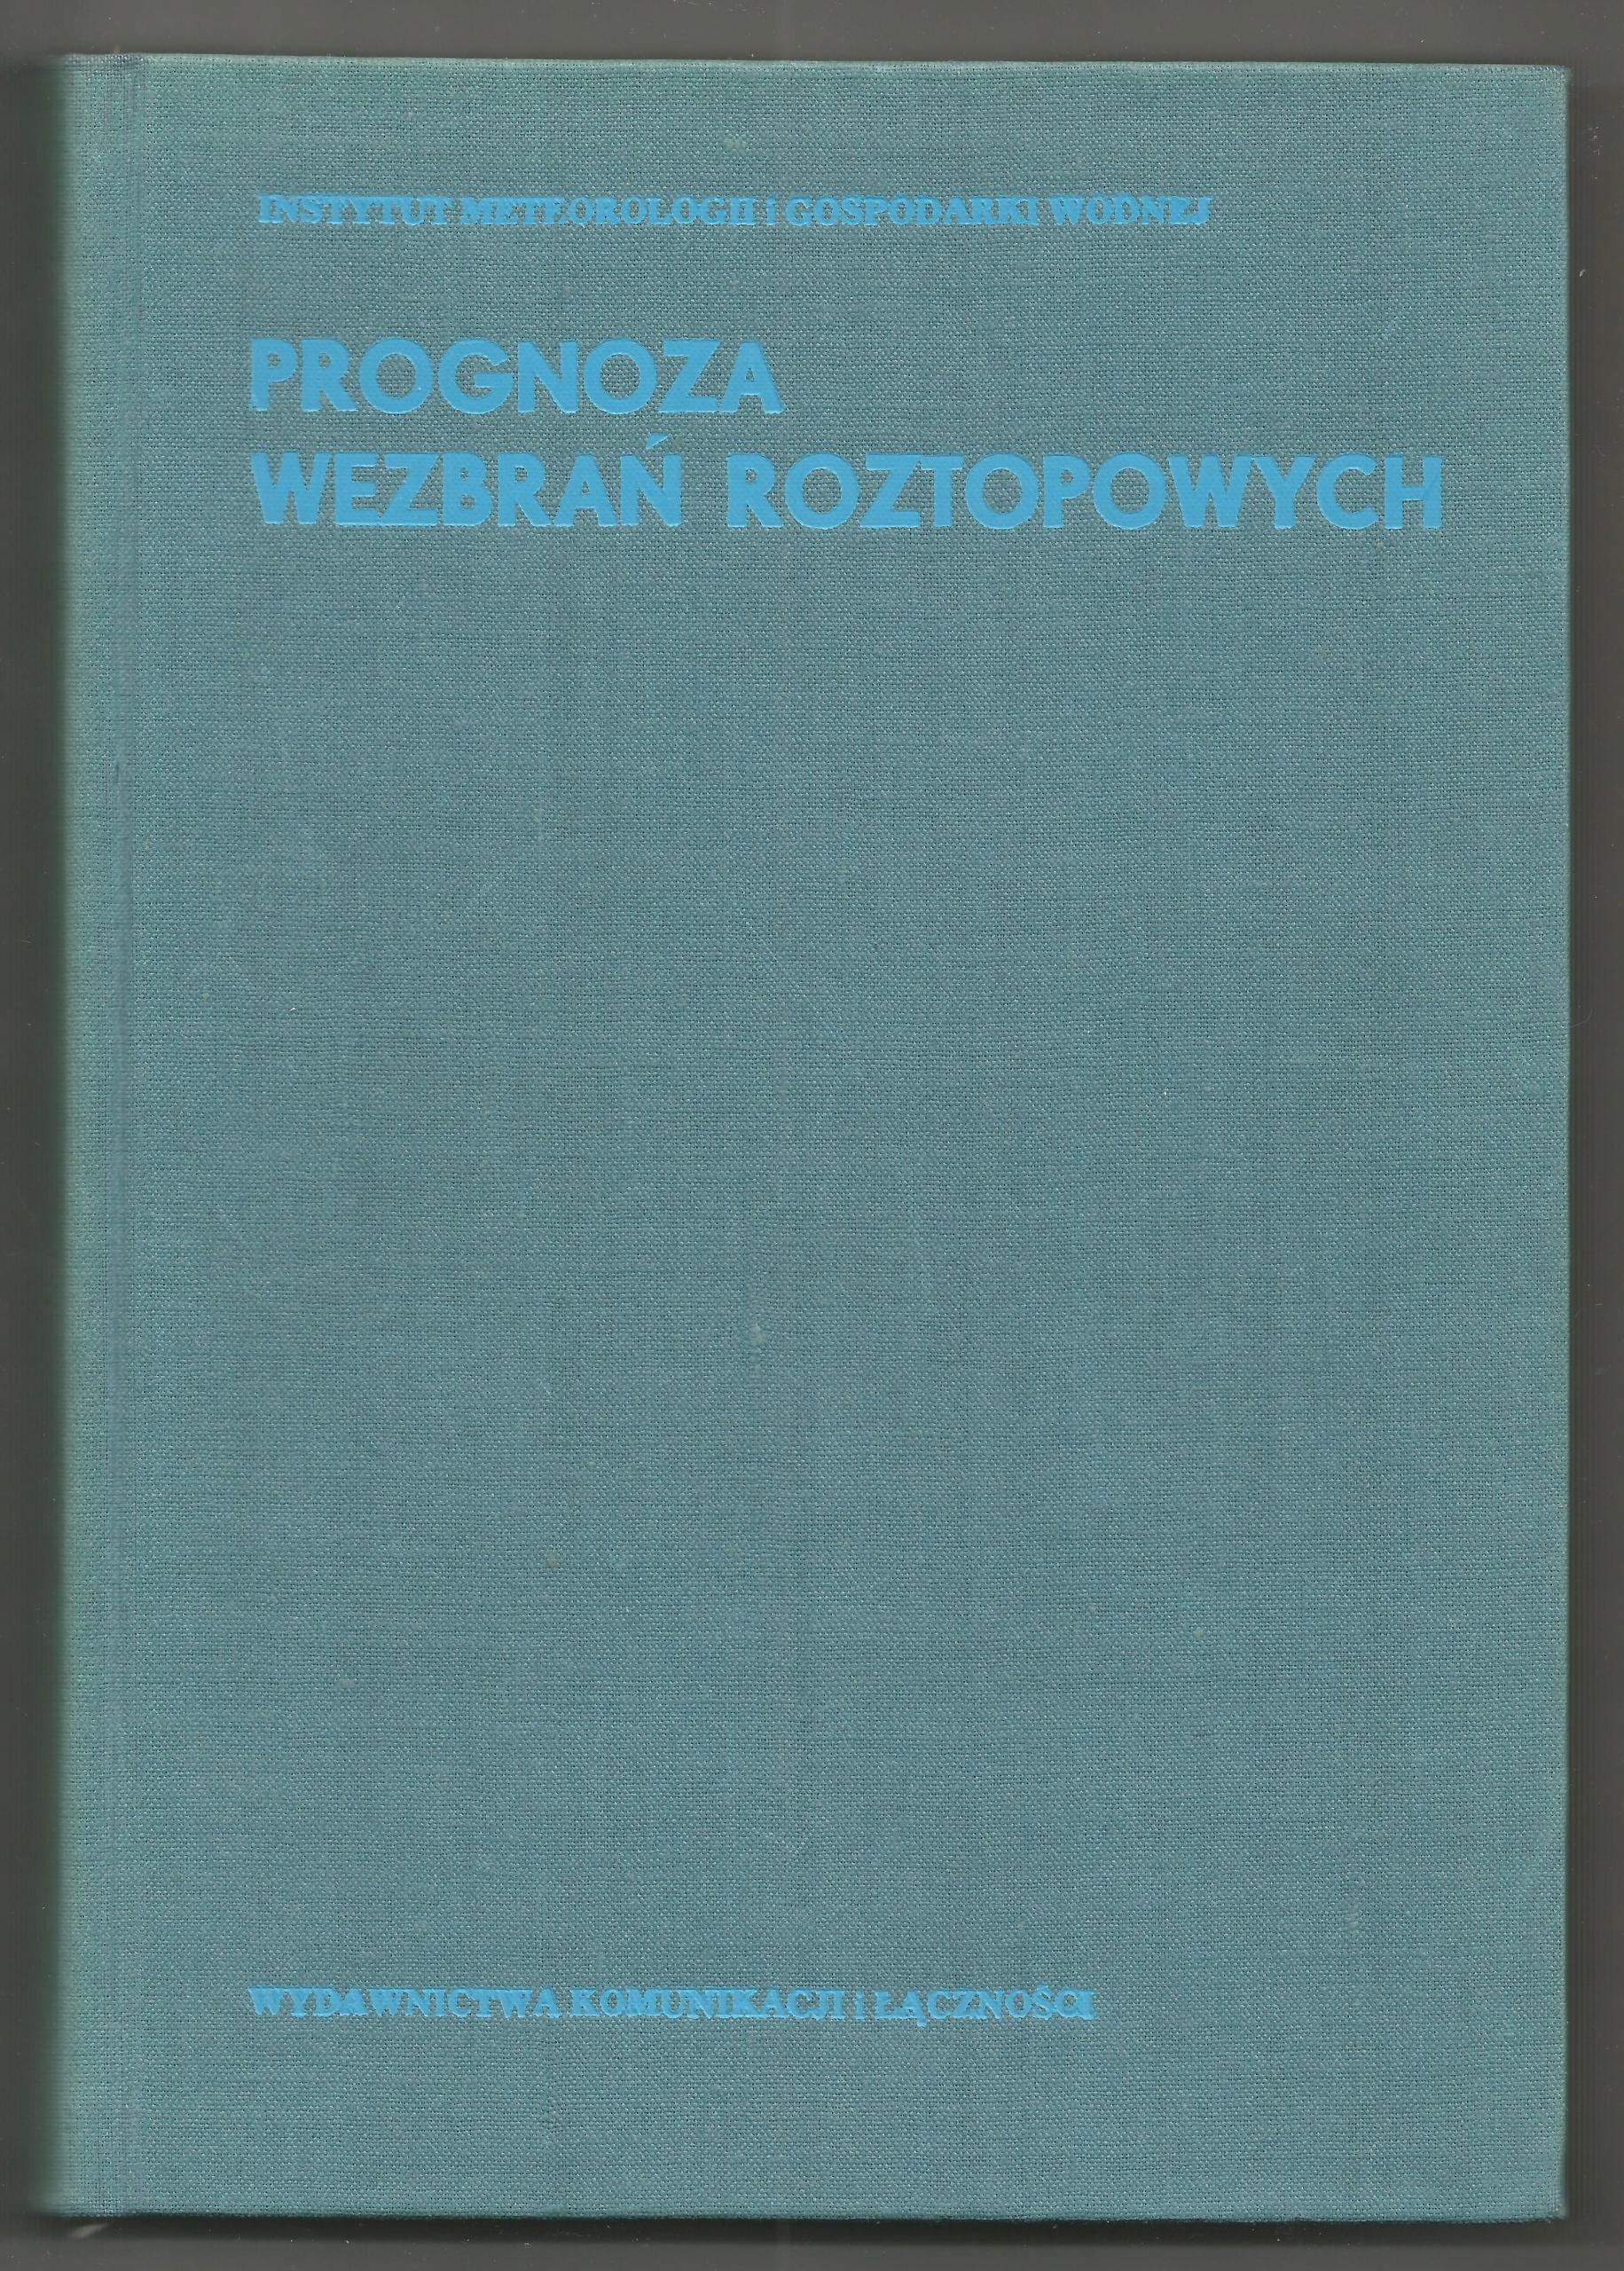 Soczyńska U., 1977, Prognoza wezbrań roztopowych